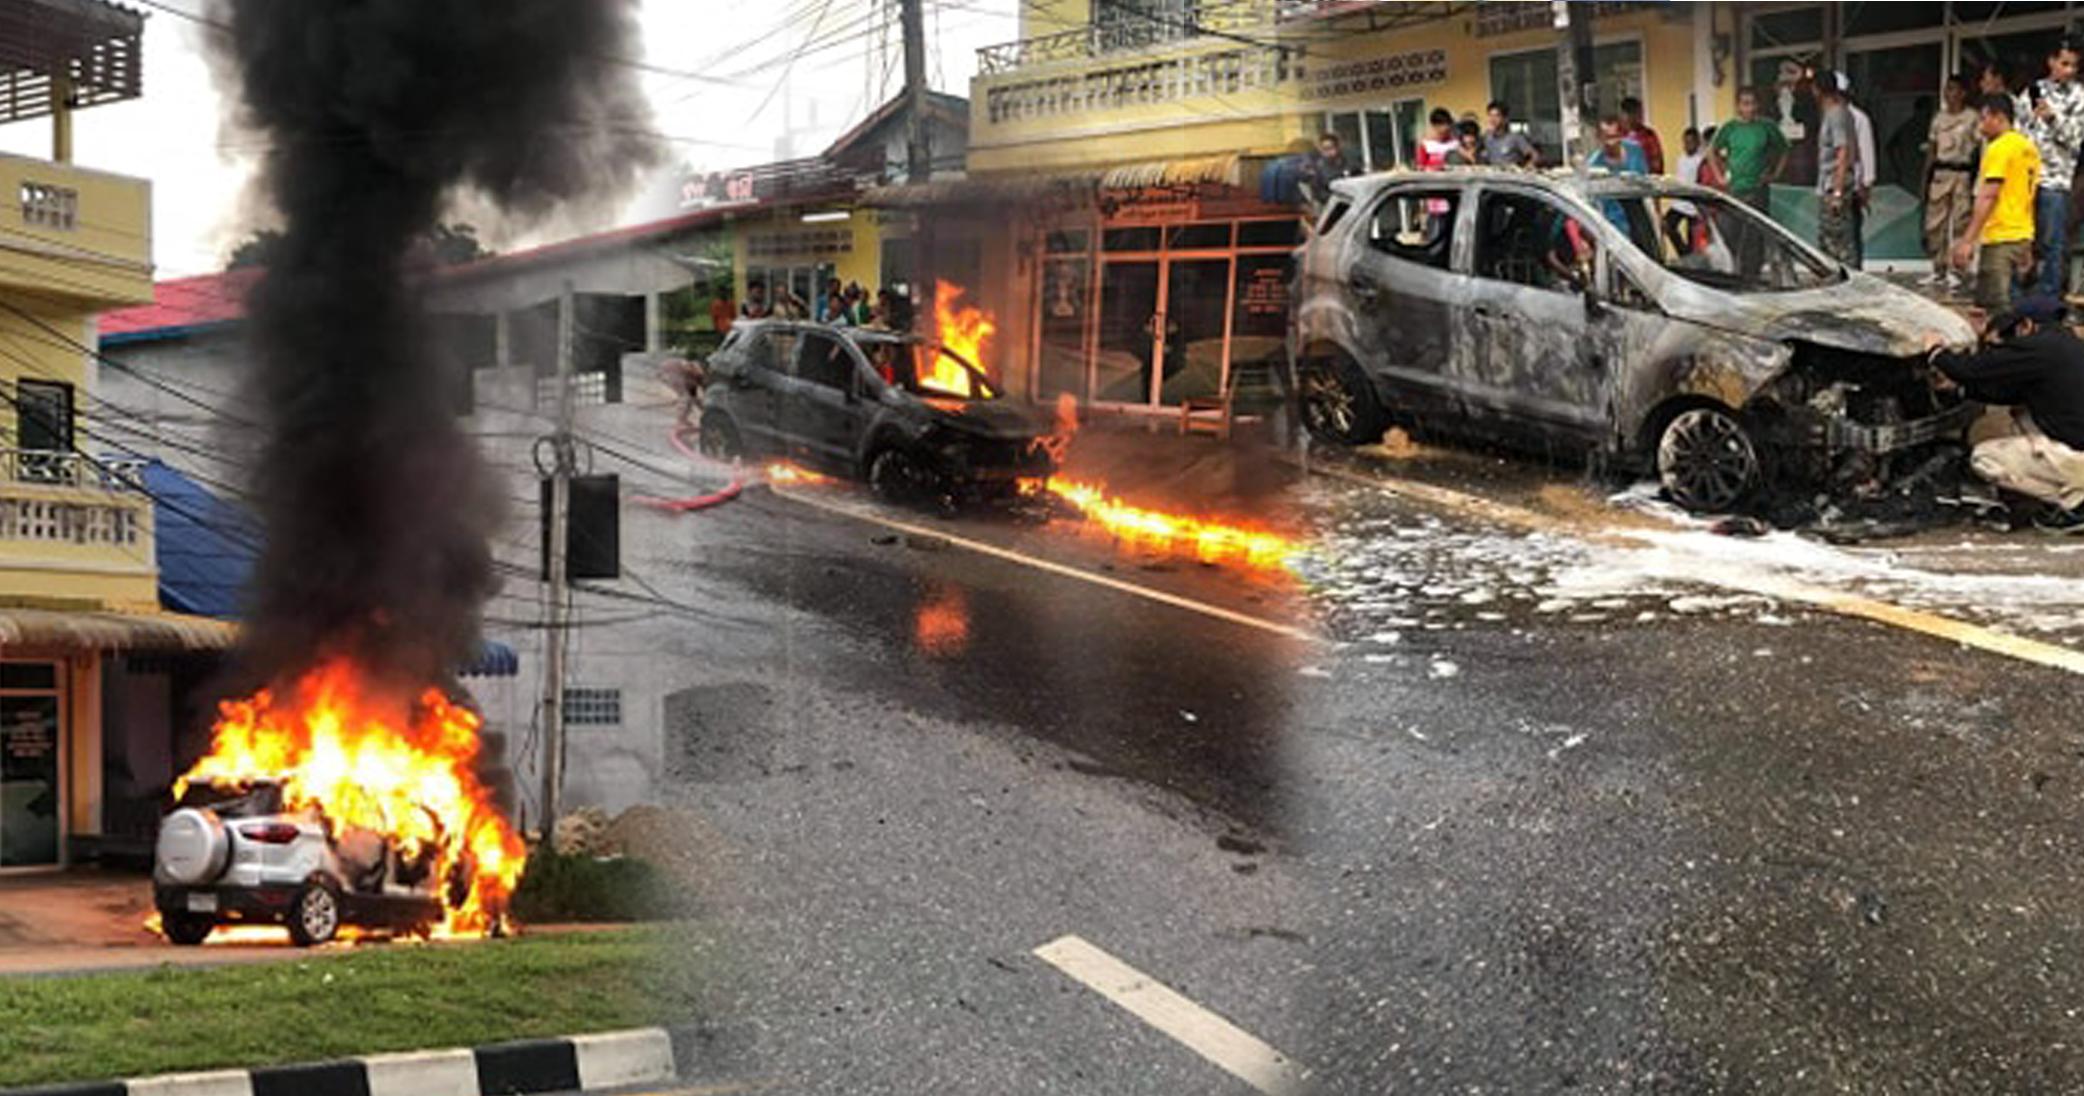 ระทึก!! เกิดเหตุไฟไหม้รถยนต์วอดทั้งคันที่รามัน